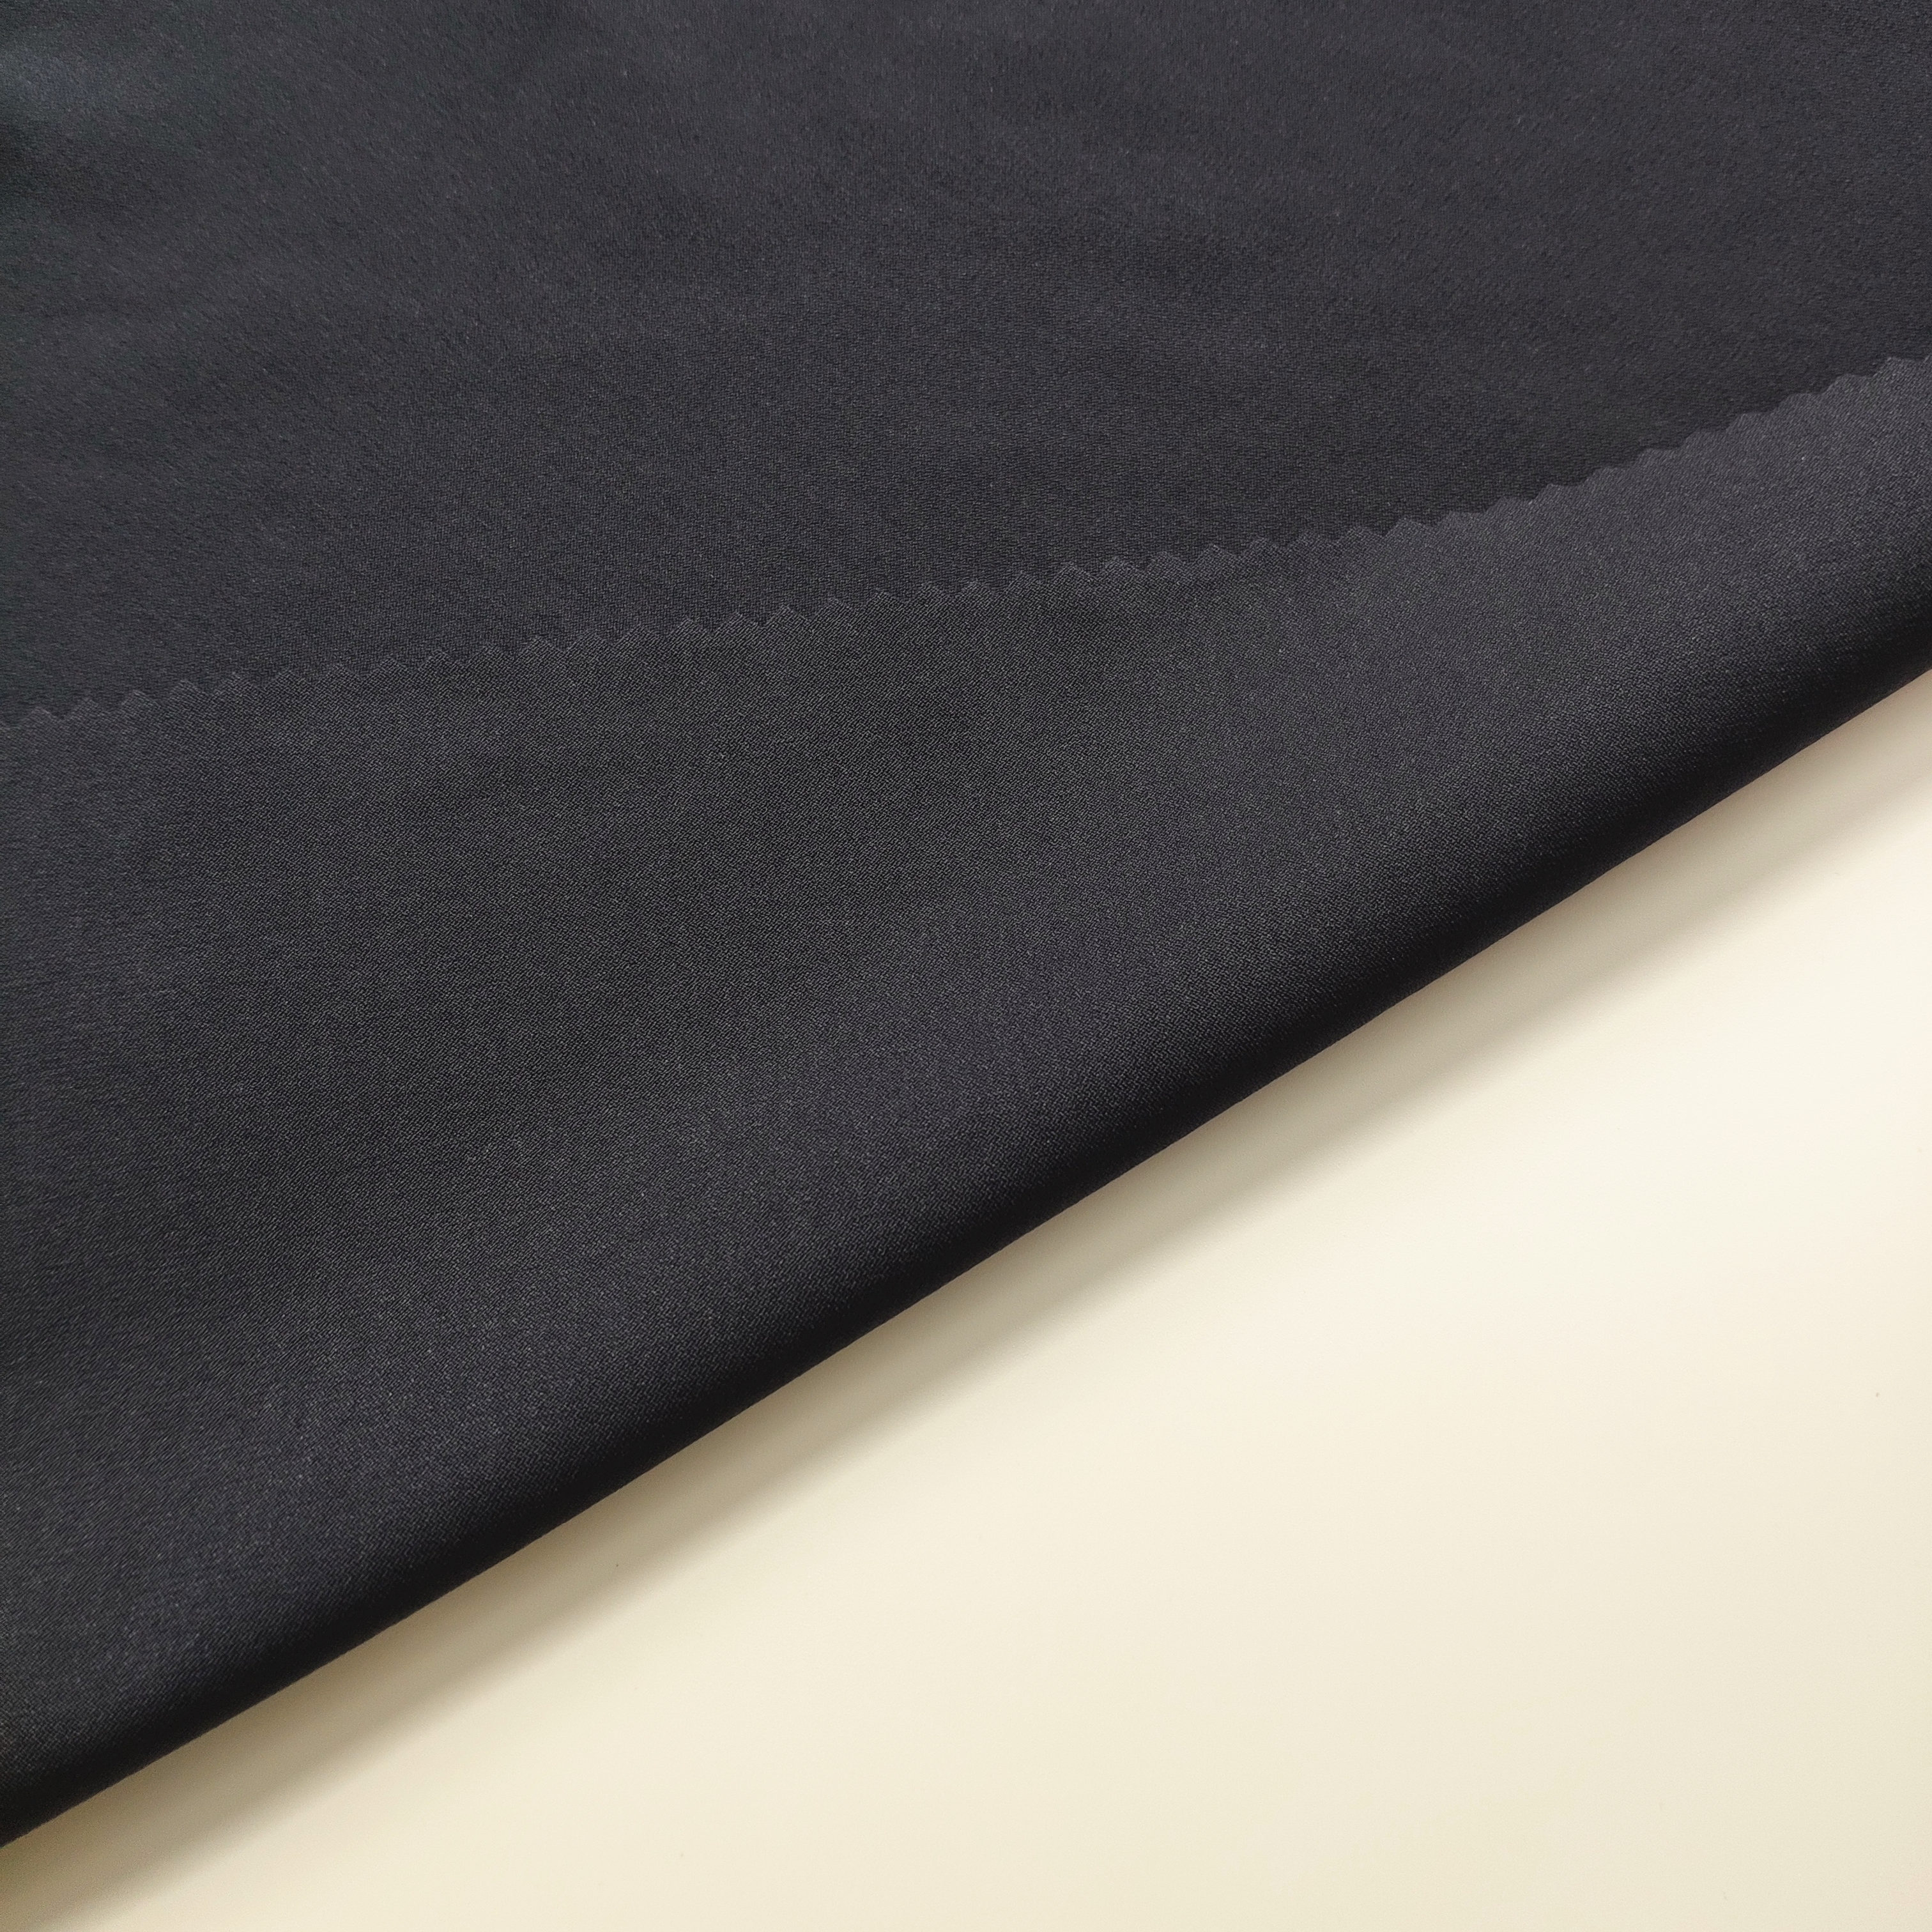 9d8e836a0597 Venta al por mayor proveedor de telas para trajes de baño-Compre ...